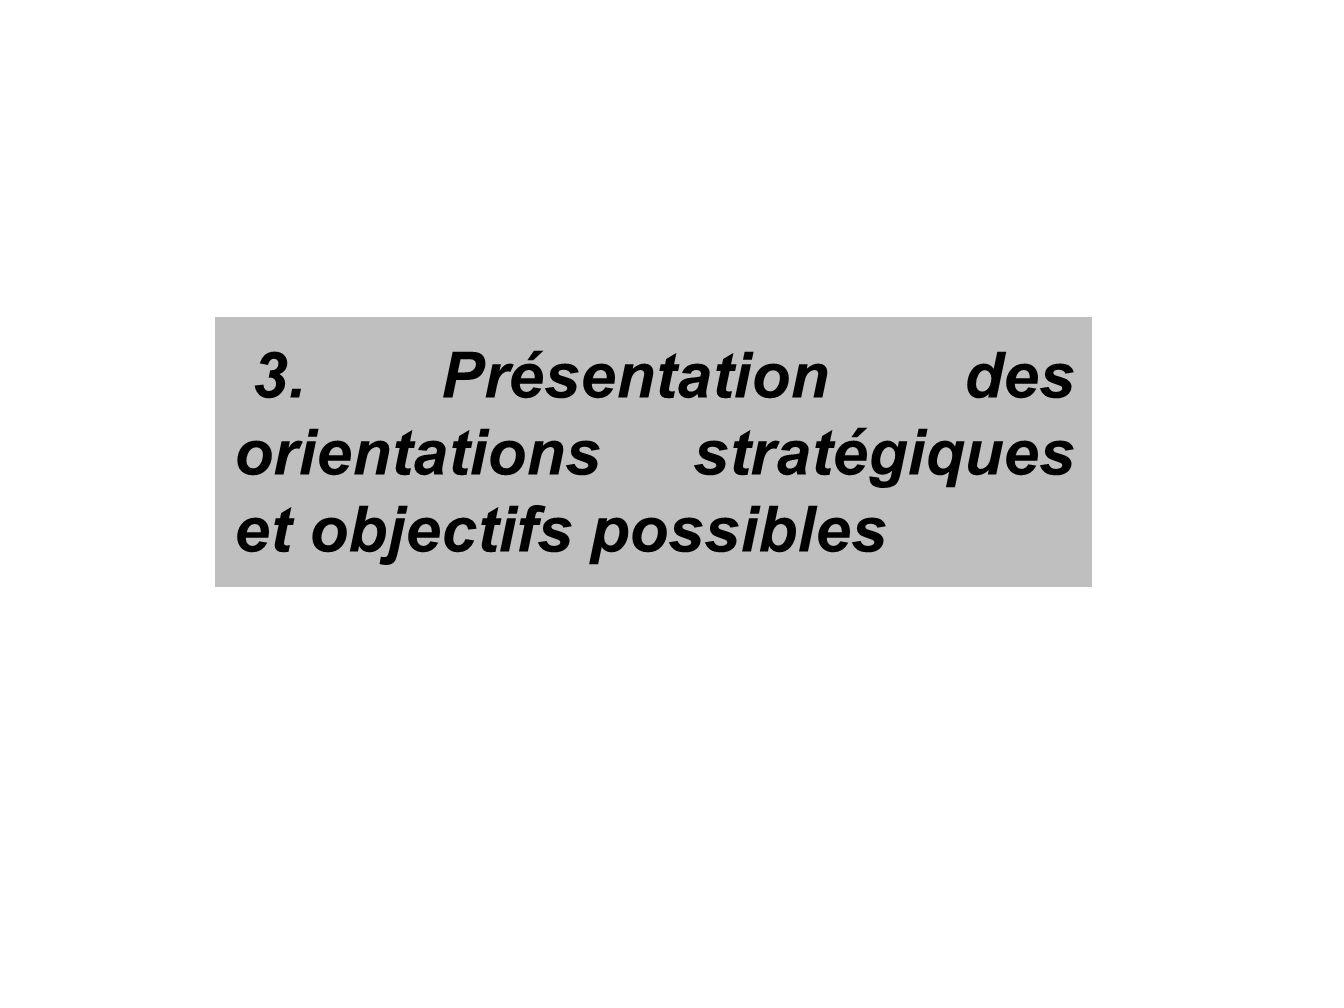 3. Présentation des orientations stratégiques et objectifs possibles